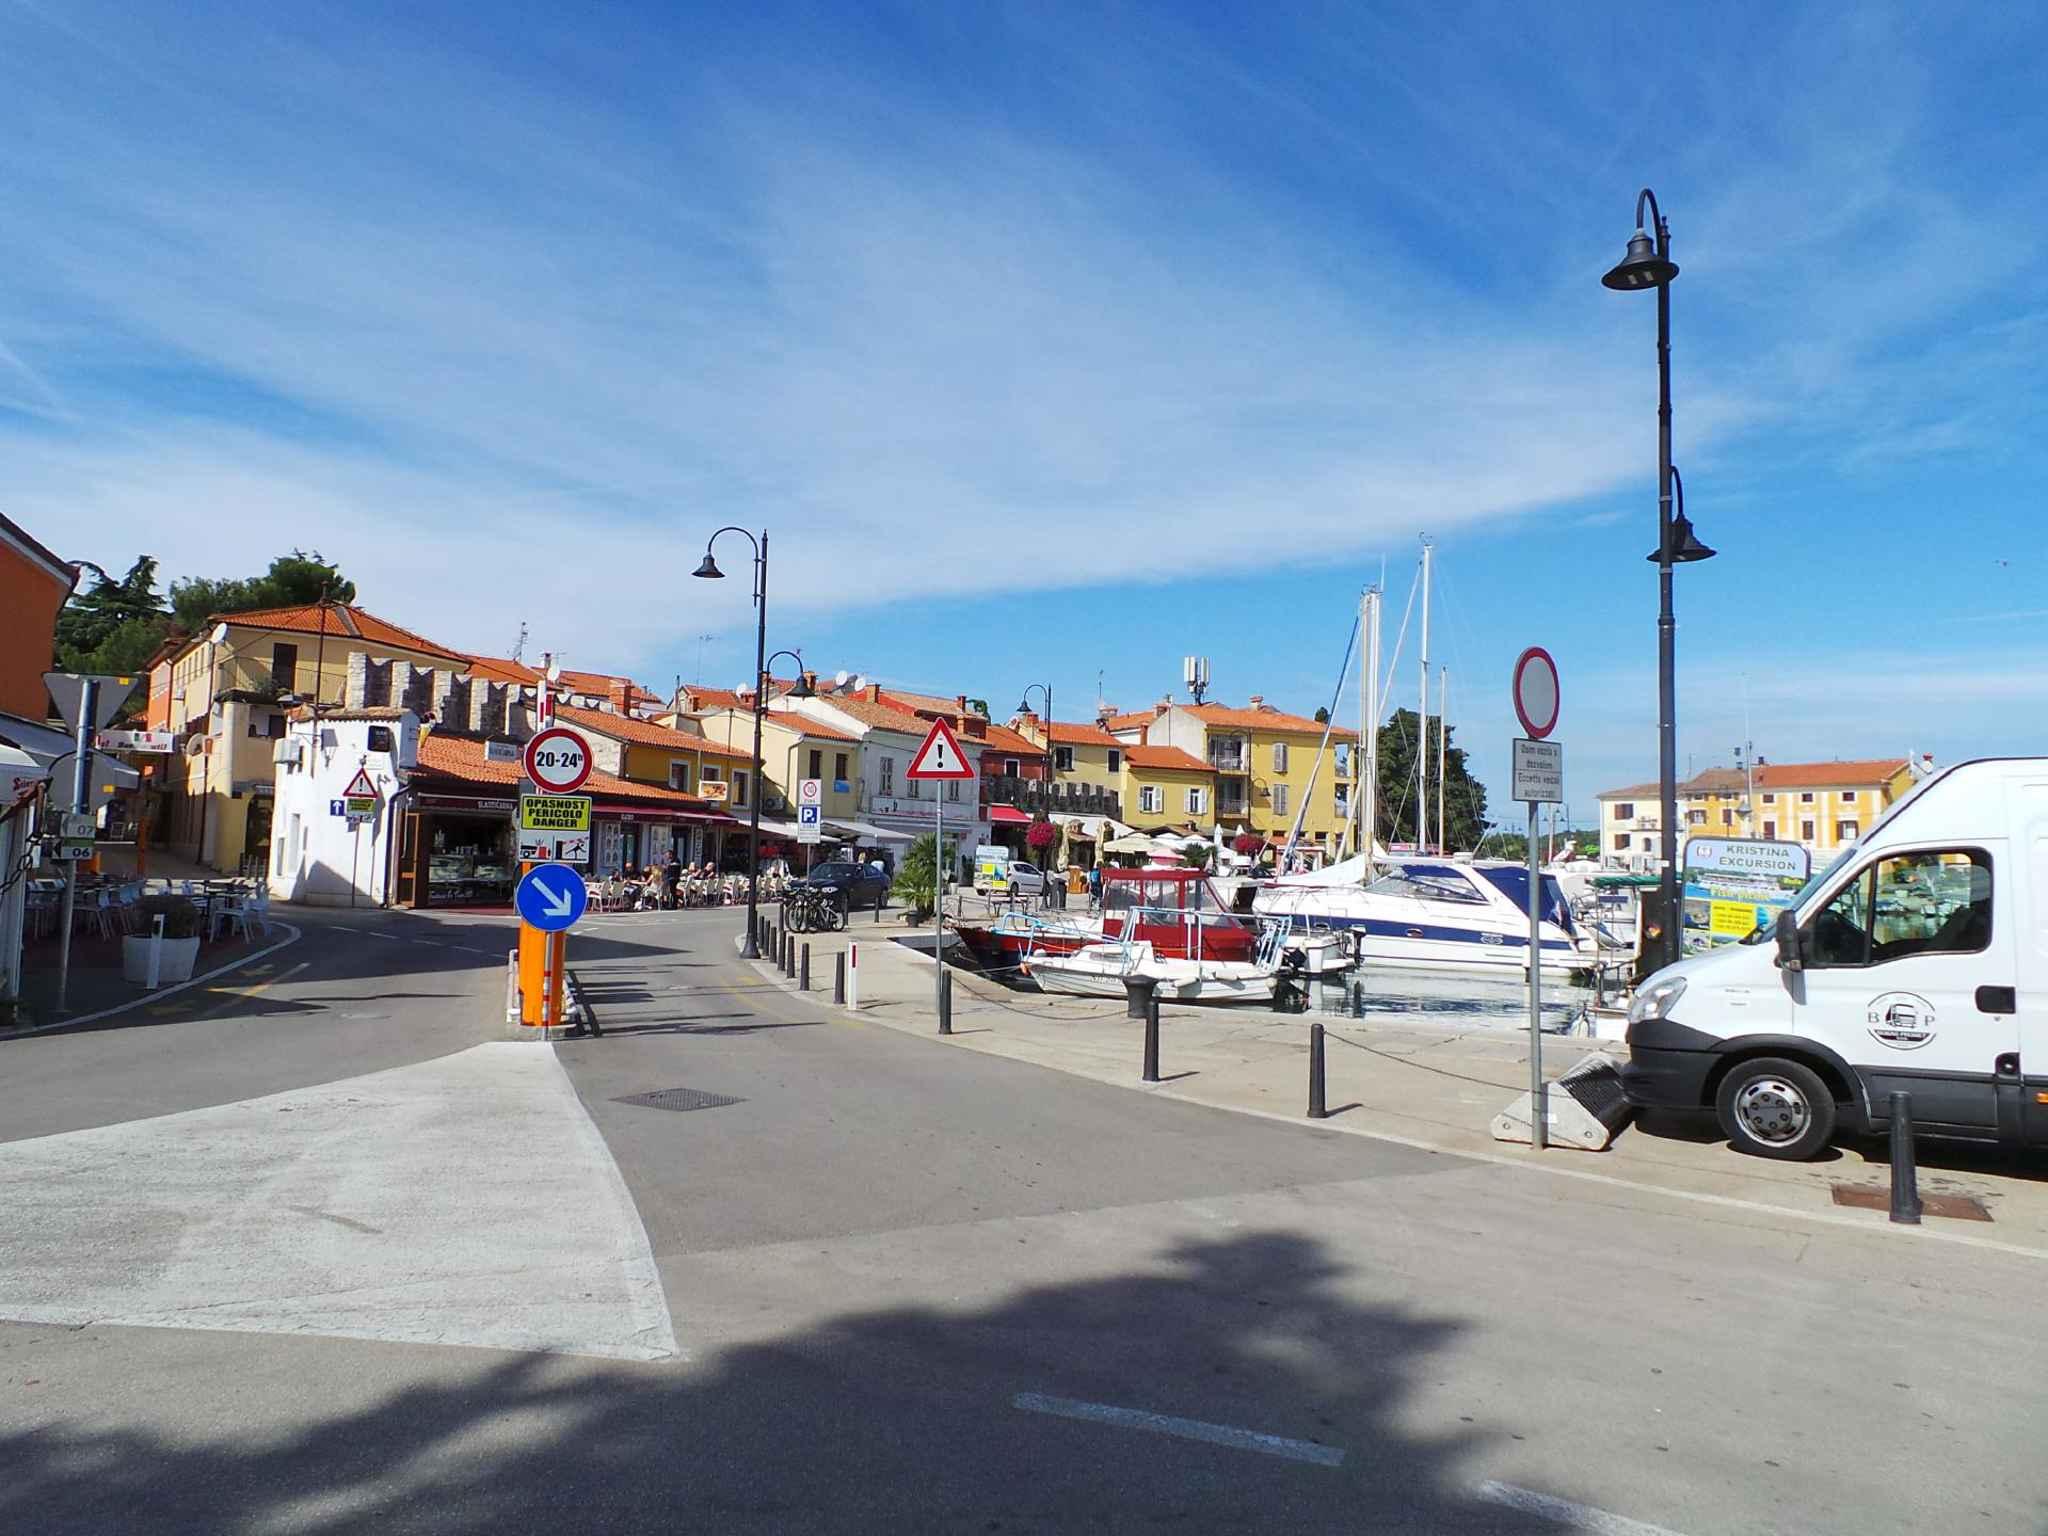 Ferienwohnung mit 4 Bäder nur 250 m von der Adria (278909), Zadar, , Dalmatien, Kroatien, Bild 24